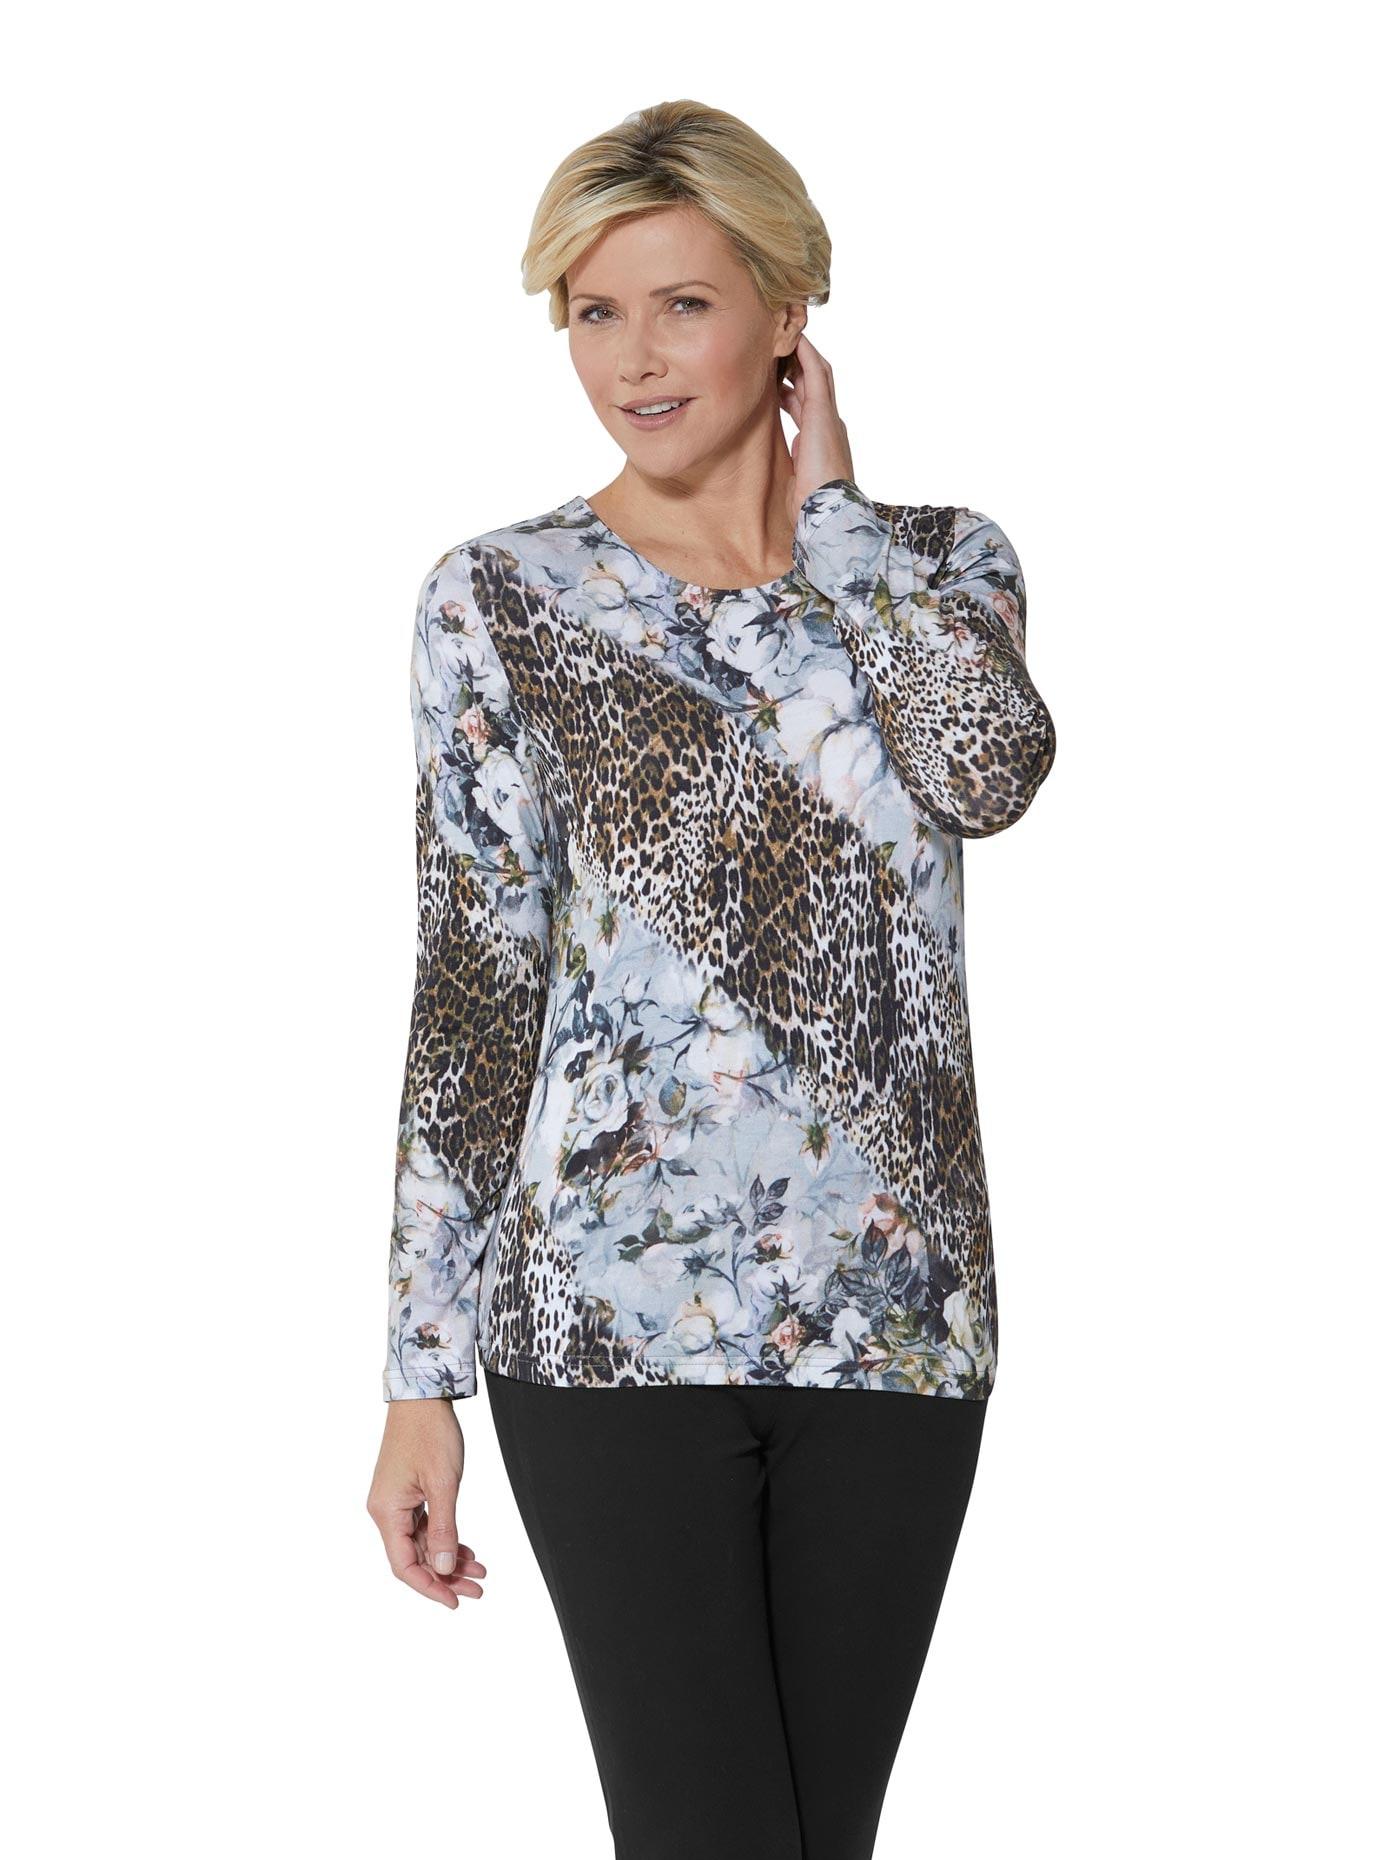 lady -  Shirt mit wildromantischen Mix aus floralen Blüten und Tierfell-Muster